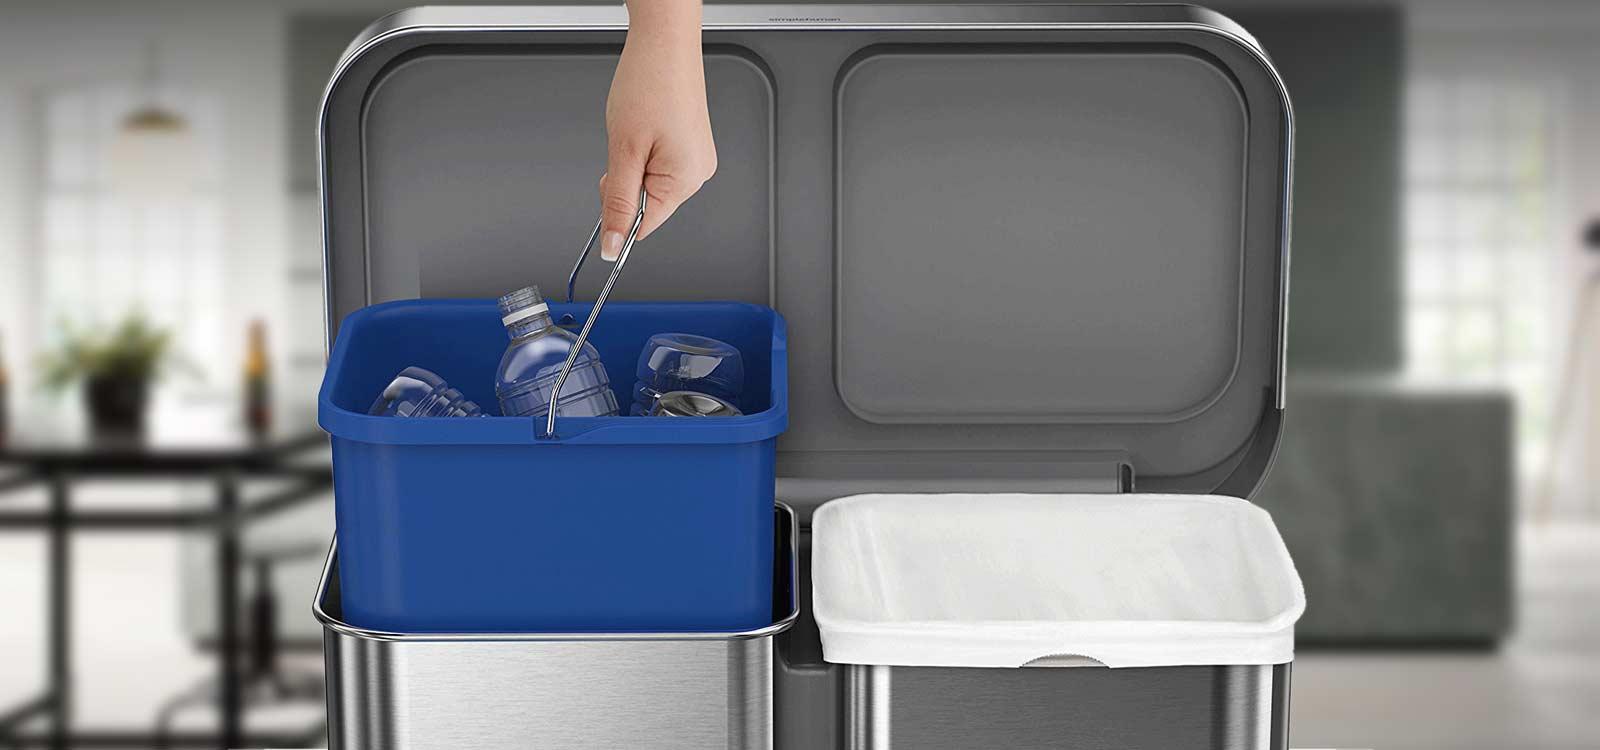 best-kitchen-trash-can-header